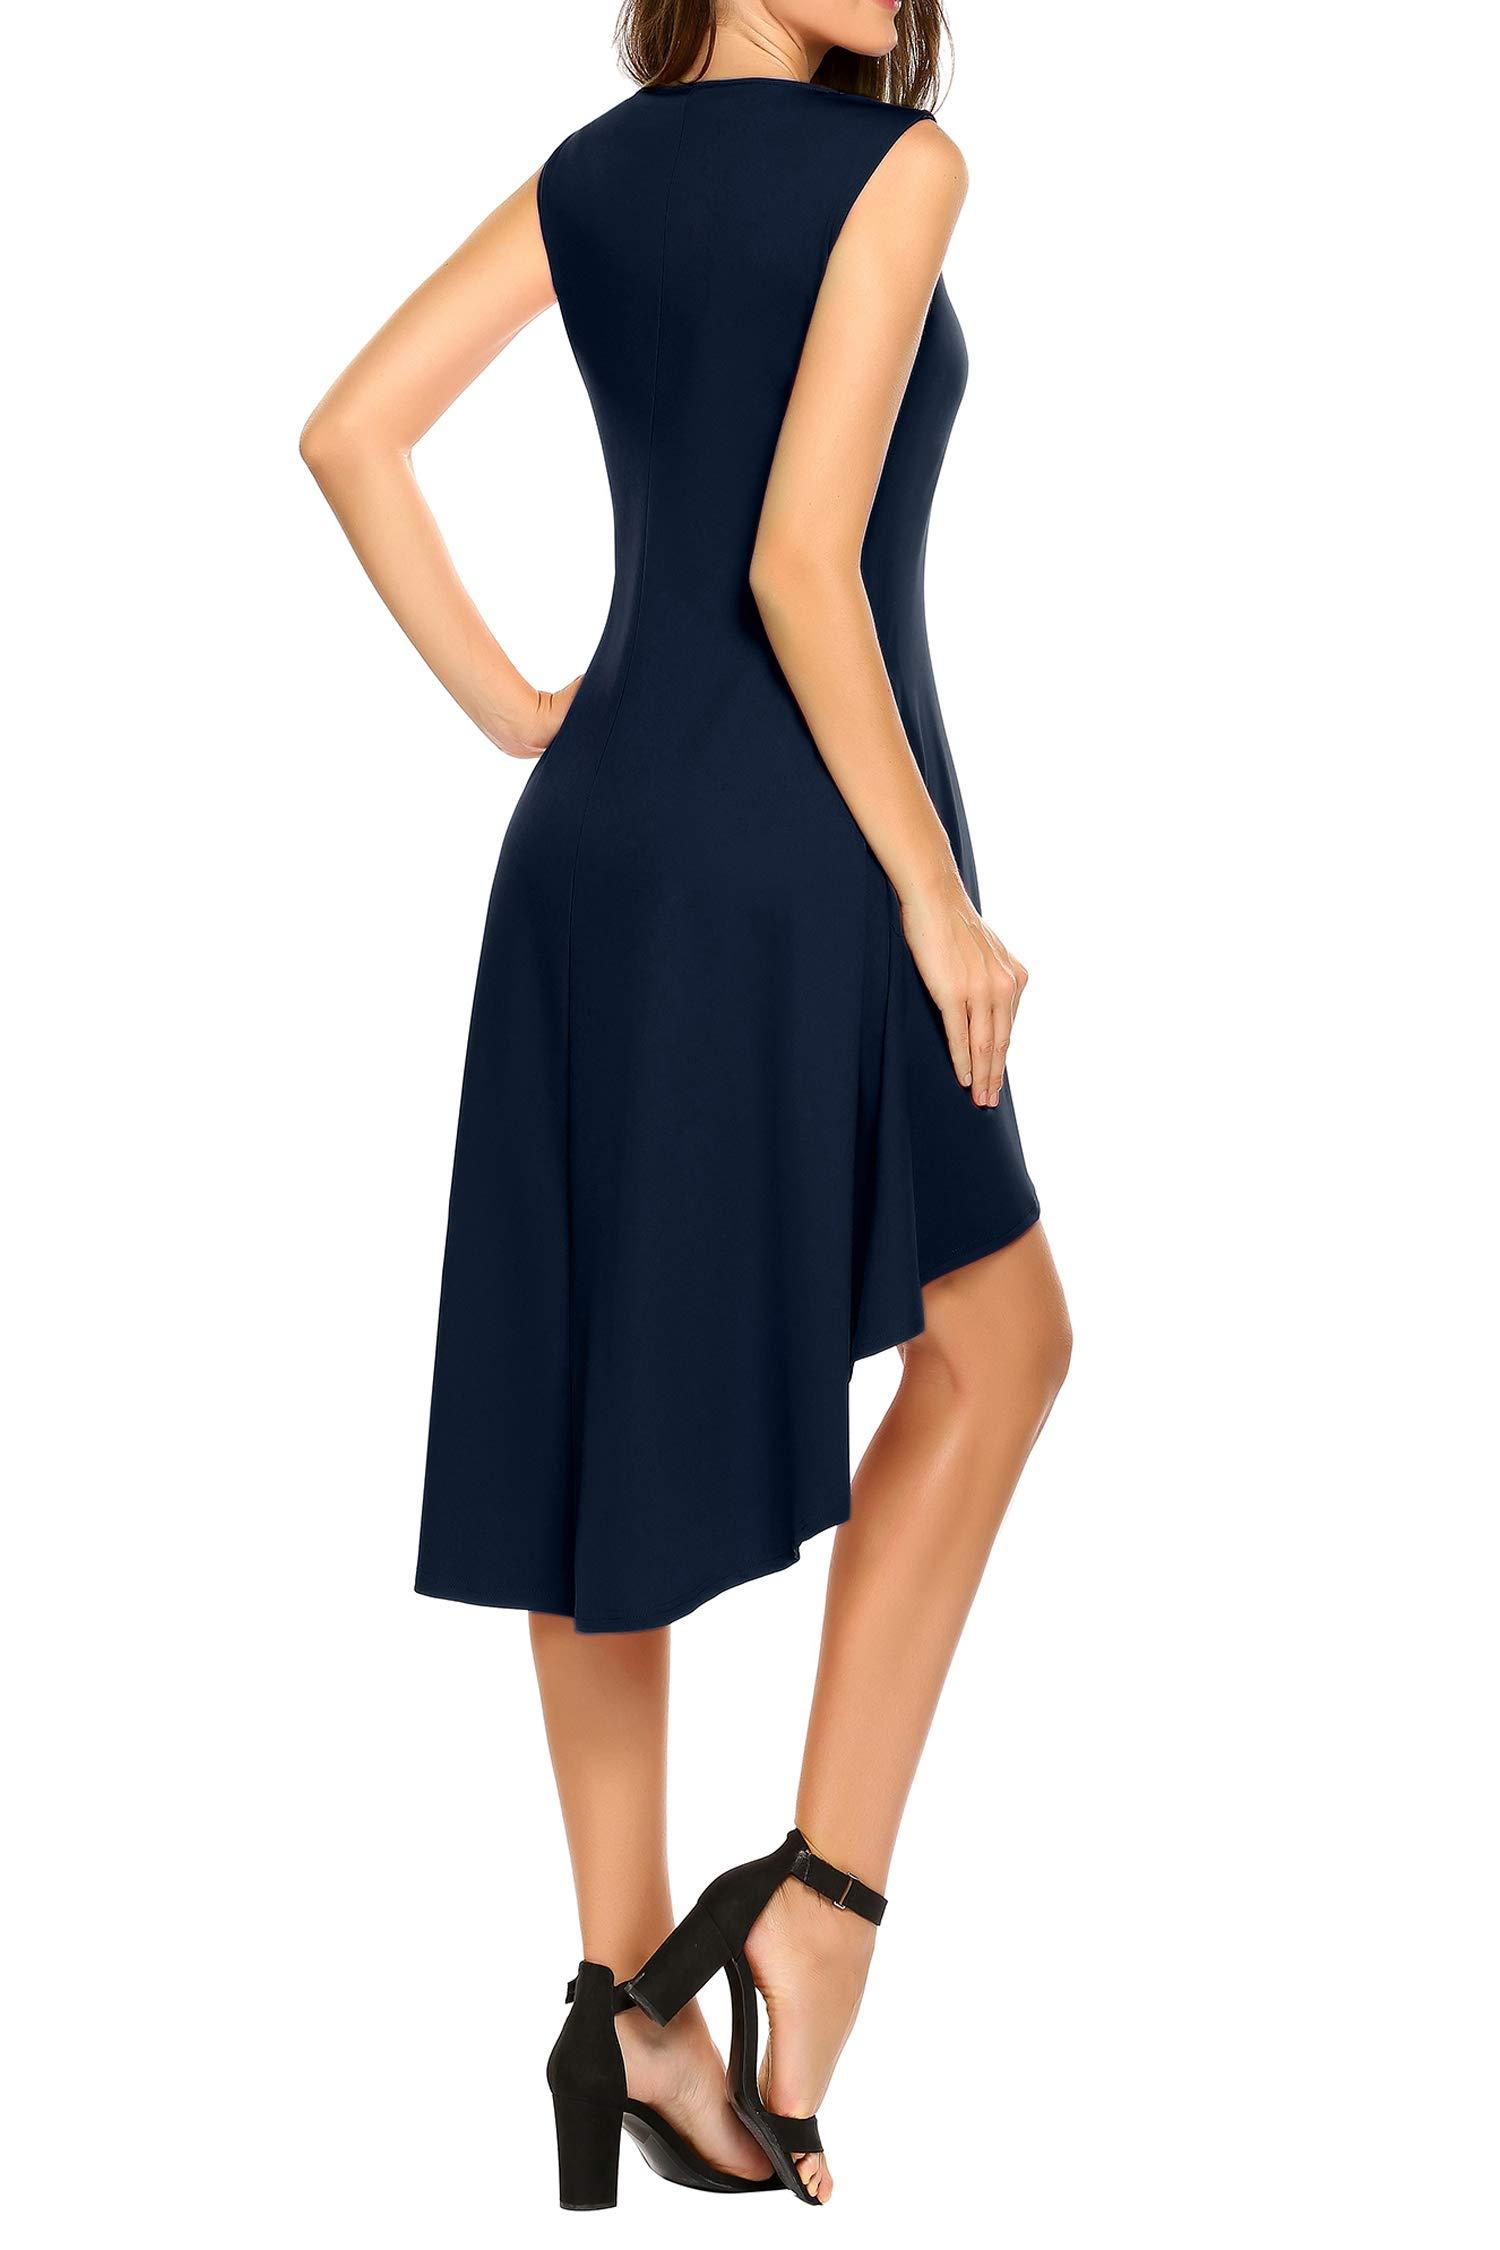 Eroihe Elegant Kleid Damen Ärmellos Unregelmässig Cocktailkleider Party Ballkleid Abendkleider Tasche